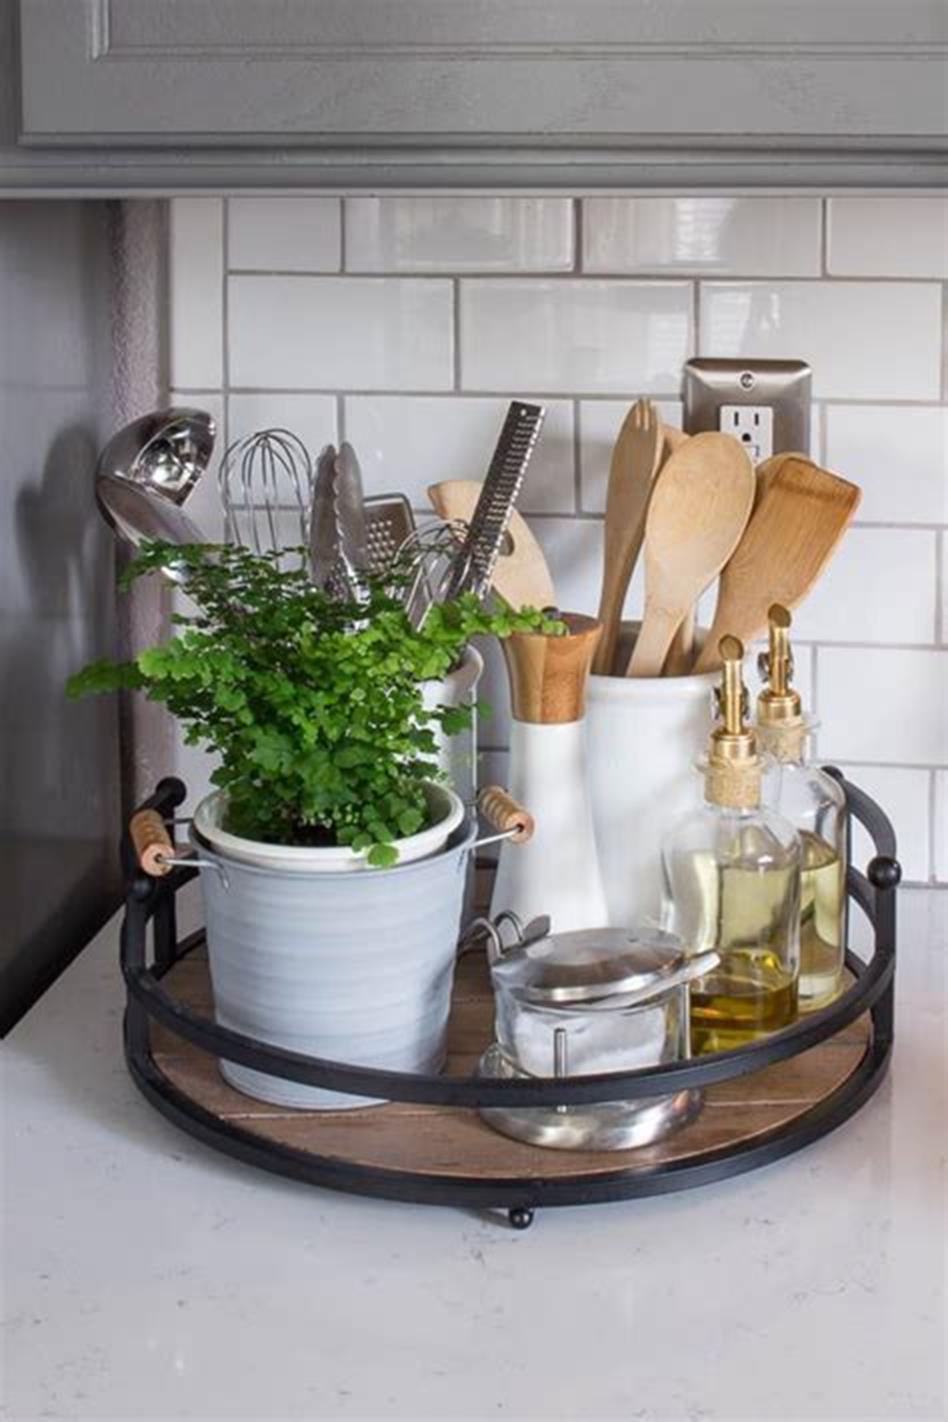 idées de décoration de plateau de cuisine